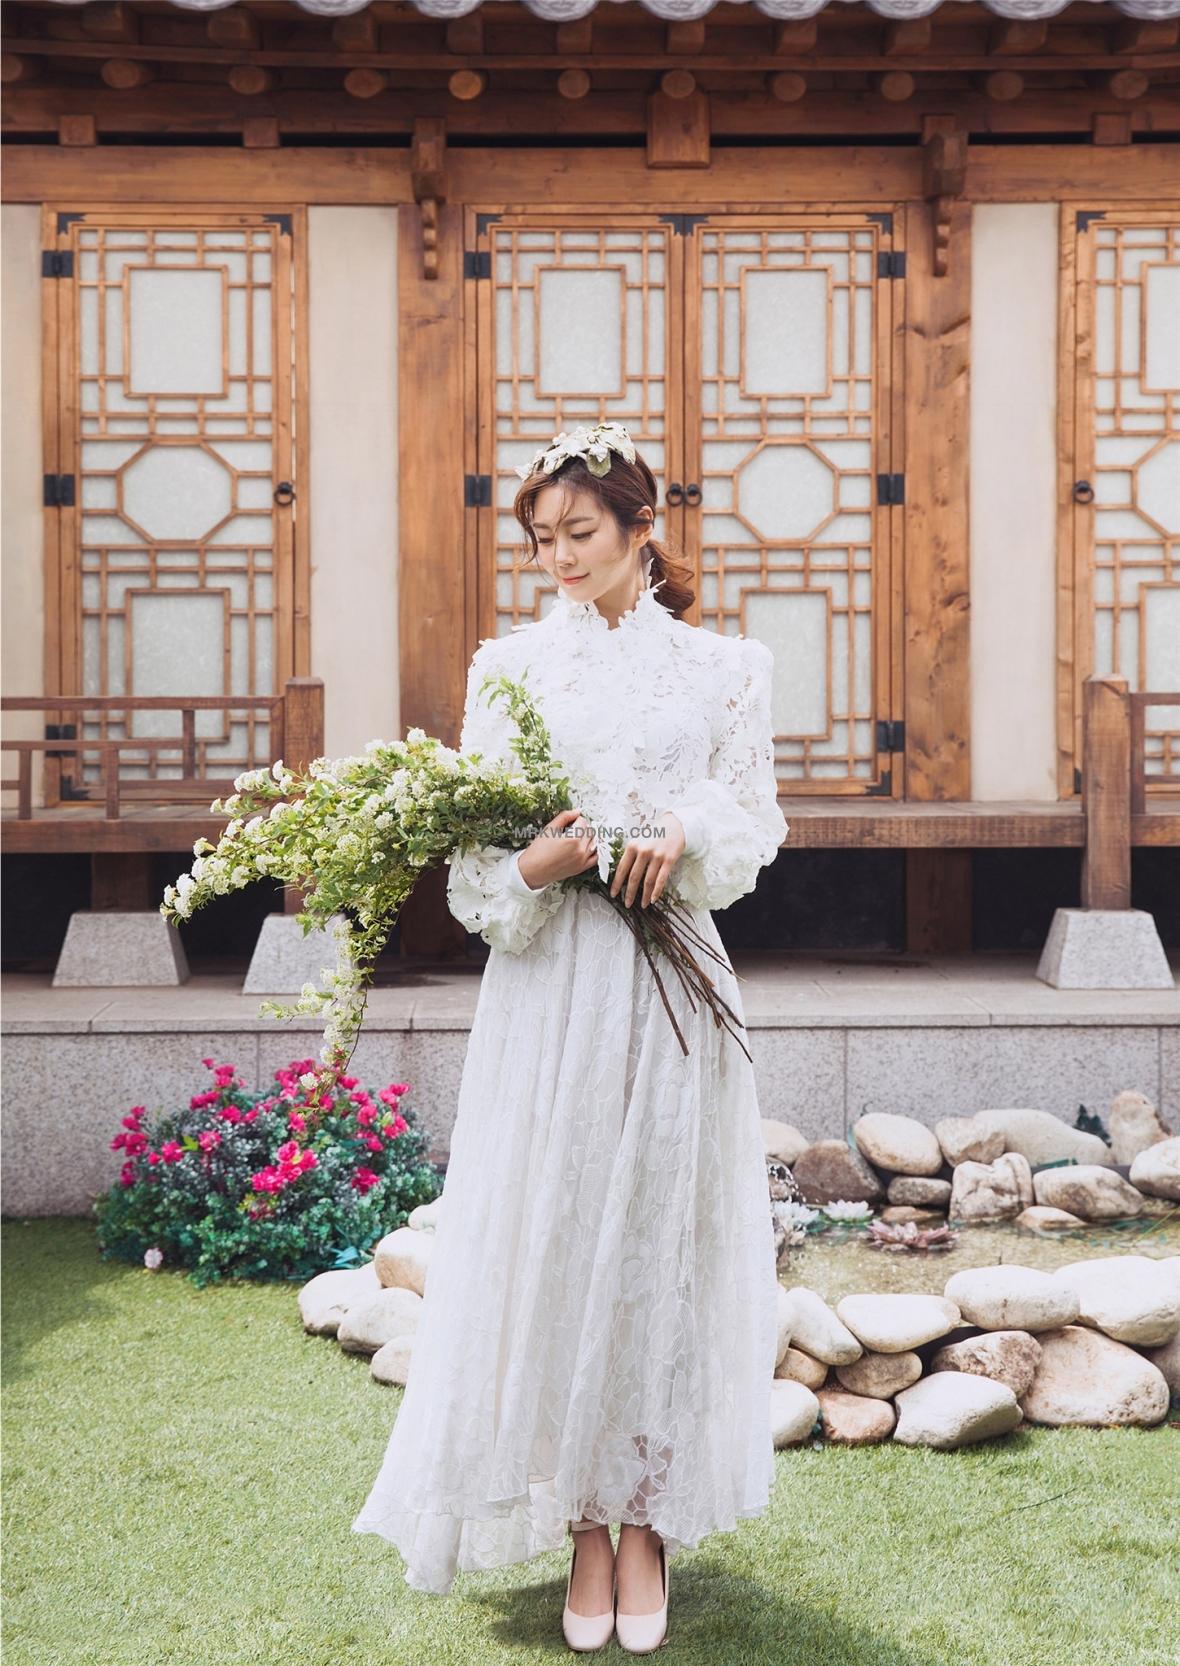 koreaprewedding03.jpg